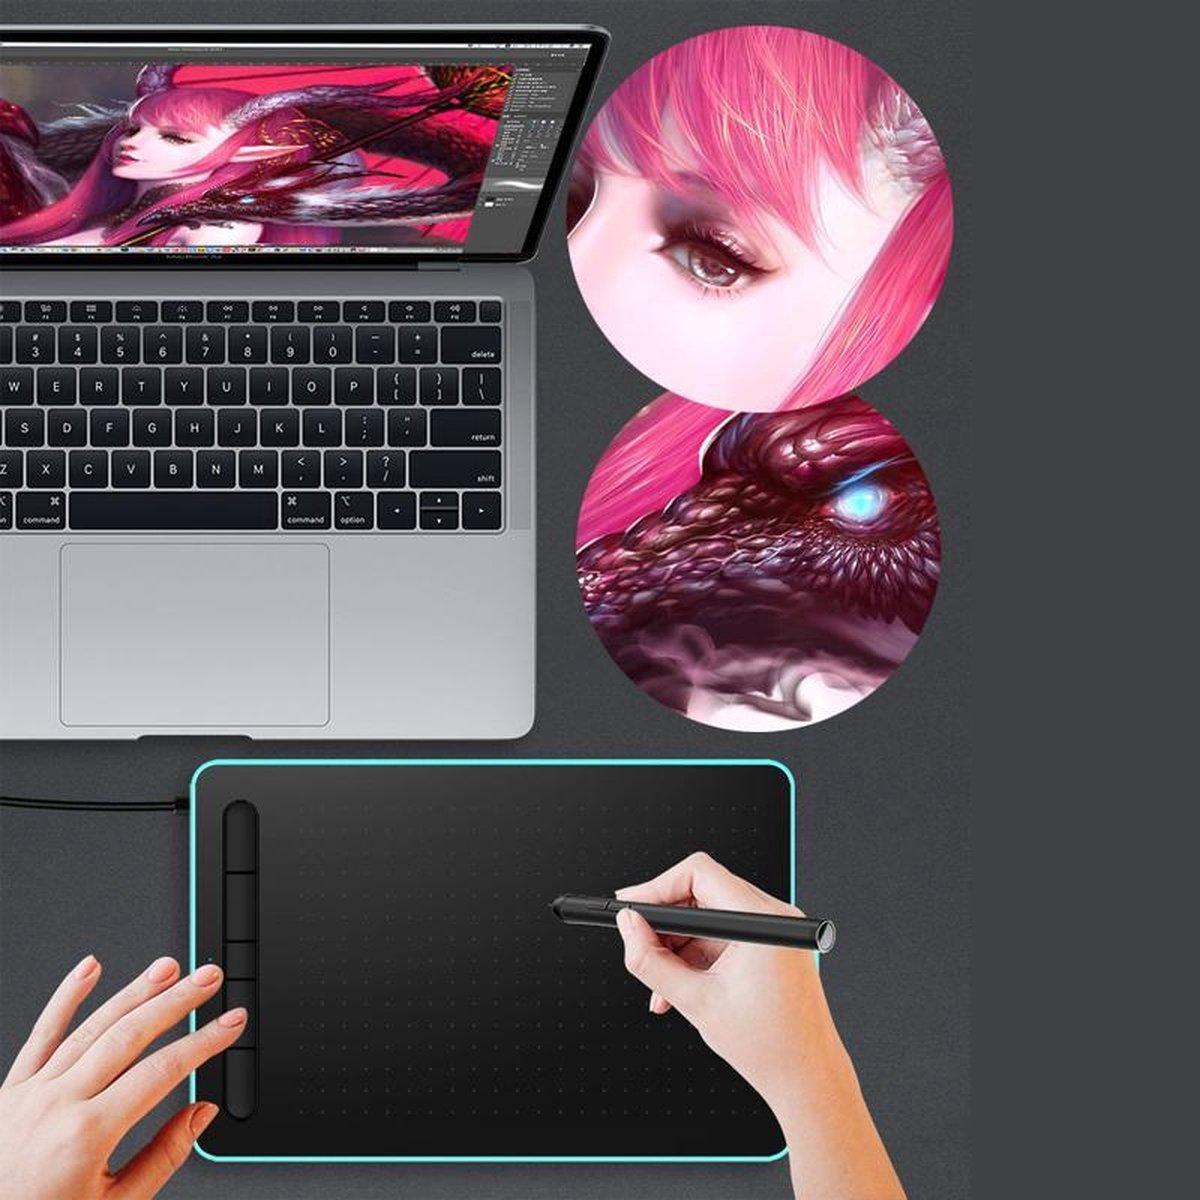 Grafische Tablet - Tekentablet - Grafisch Design Tablet - Teken Tablet - Digitale Grafische Tablet - Digitaal Tekenen - Grafisch Ontwerp Tablet